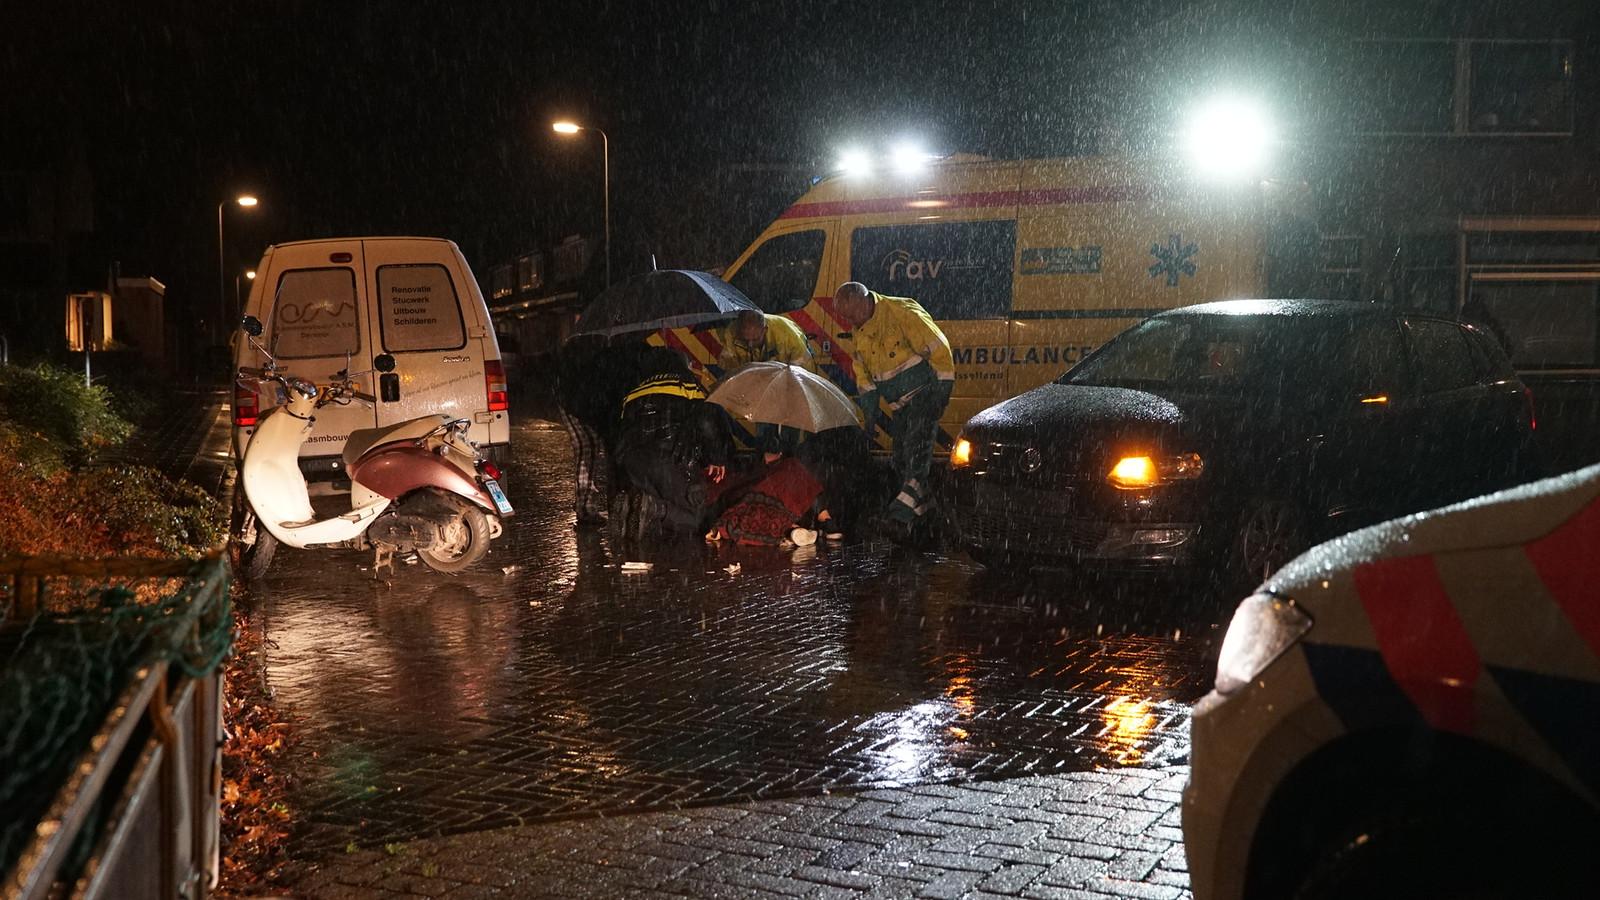 Op de kruising van de Zandweerdweg met de D.G. van de Keesselstraat in Deventer heeft even voor middernacht een aanrijding plaatsgevonden tussen een auto en een scooter.